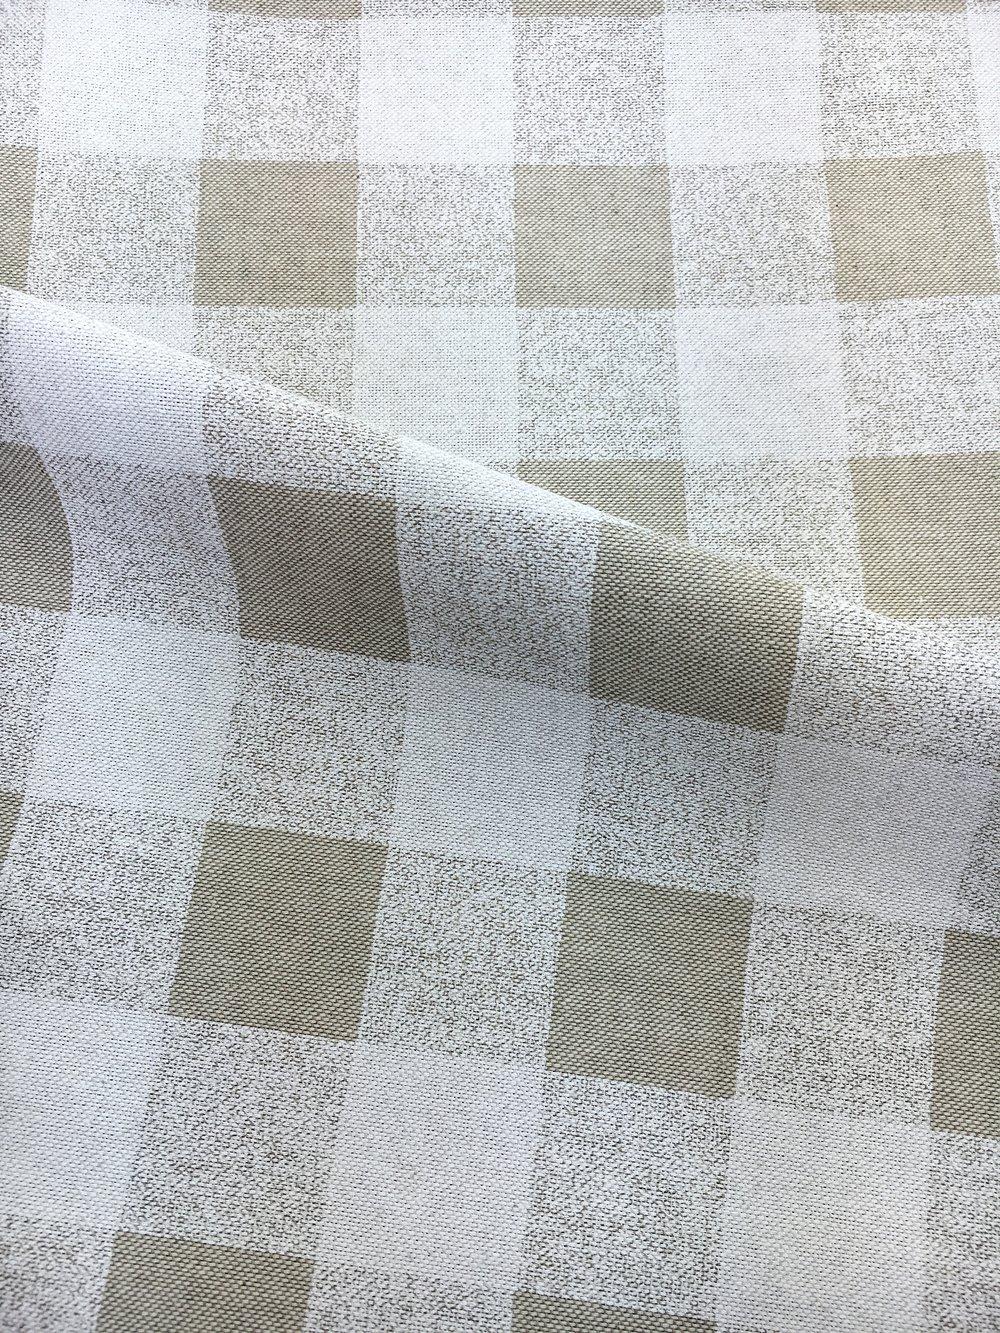 CottonFabricBWCheckers2.jpg